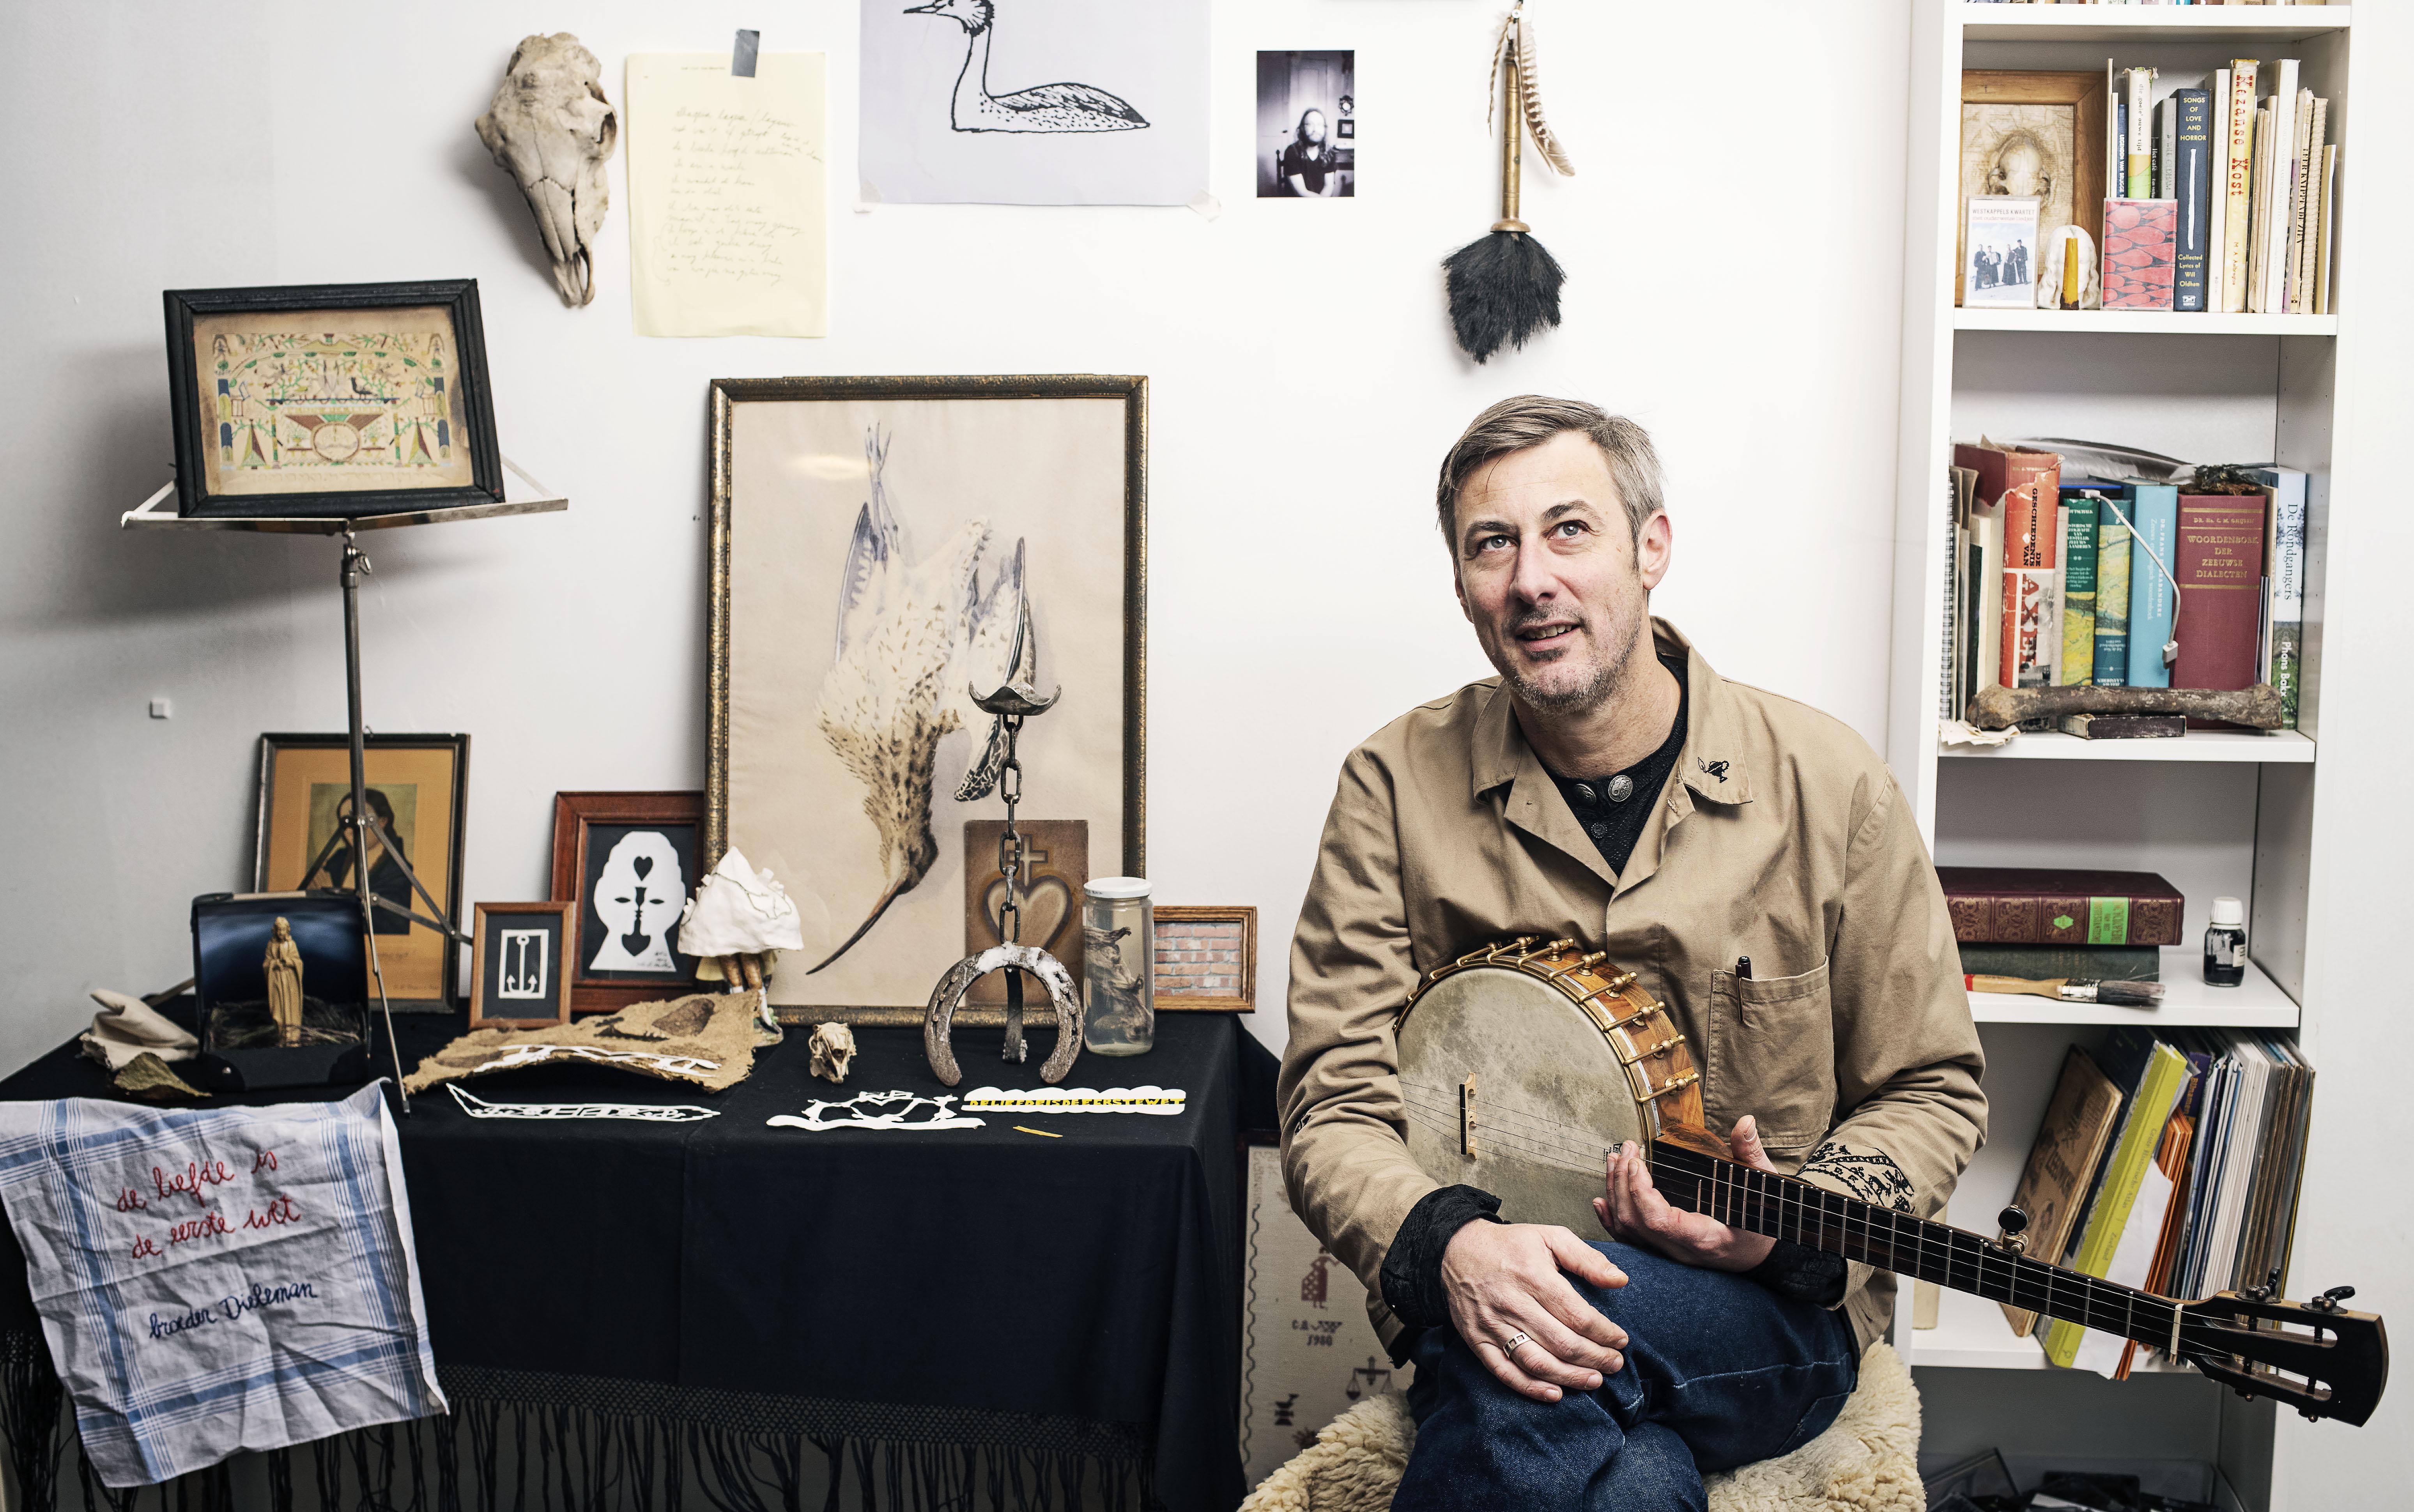 Haarlem Jazz & More: Broeder Dieleman is Zeeuws, authentiek en brengt toch een nieuw geluid